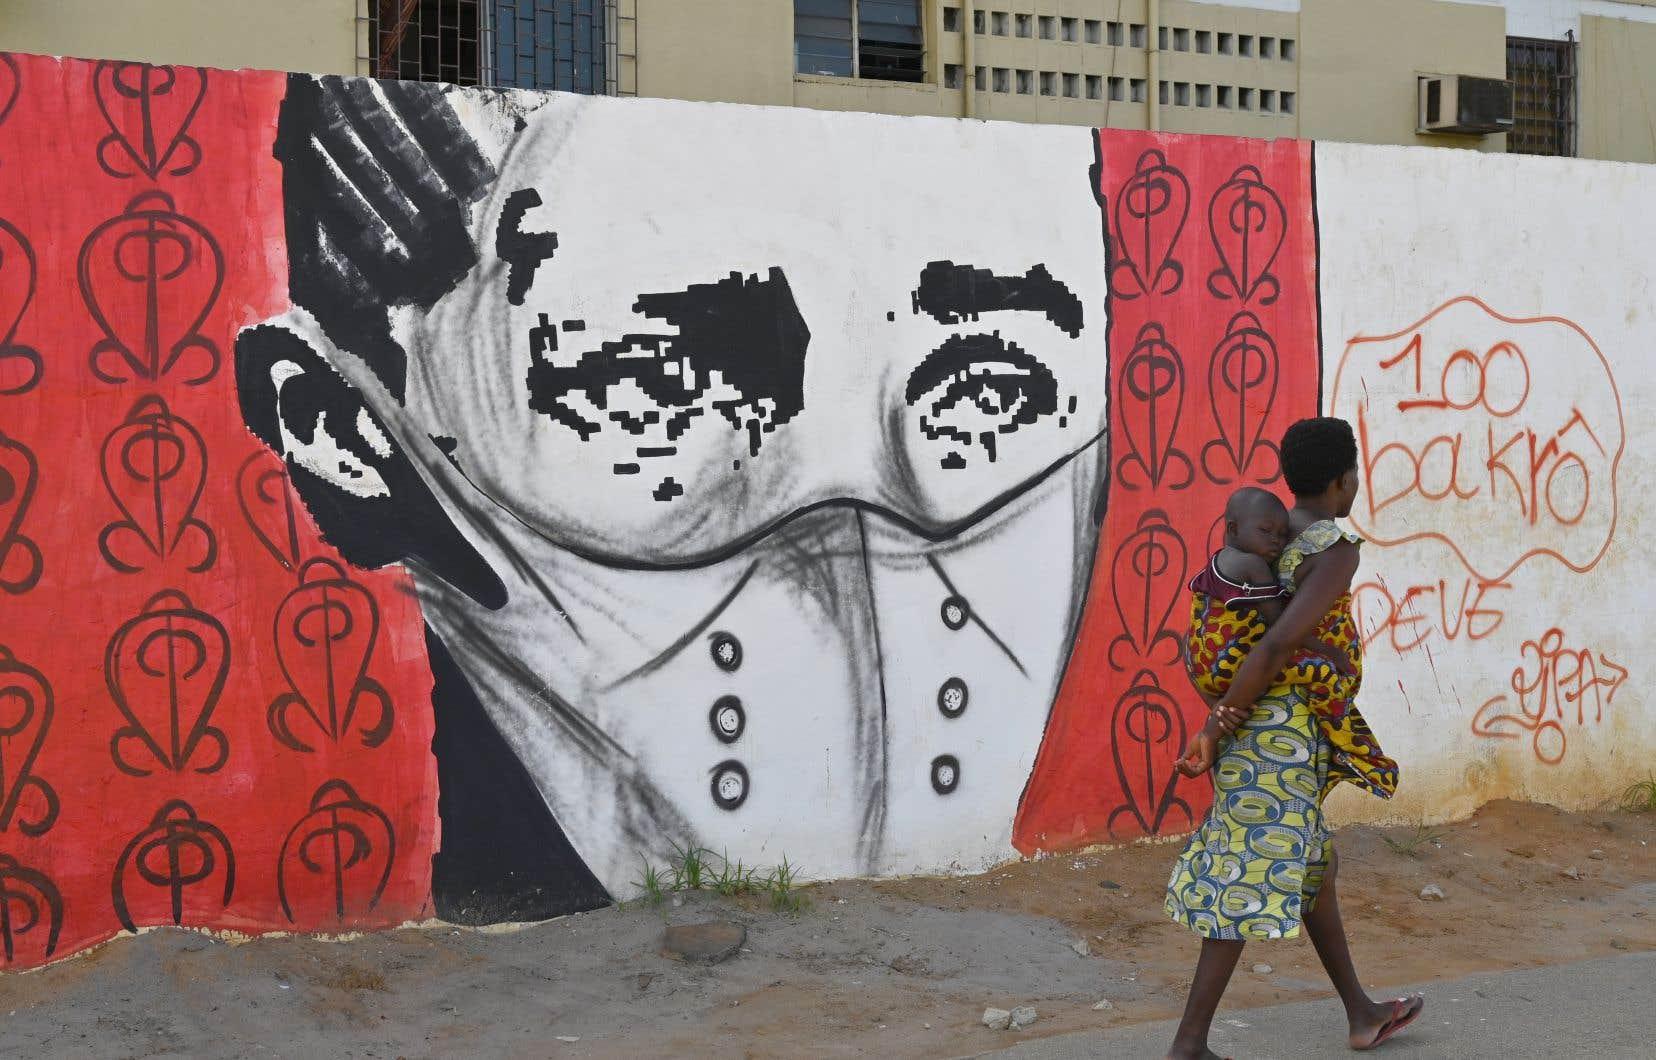 «Nous devons souligner le courage, la patience, et la résilience dont font preuve les femmes d'ici et d'ailleurs, surtout en contexte de crise», écritMaïka Sondarjee.